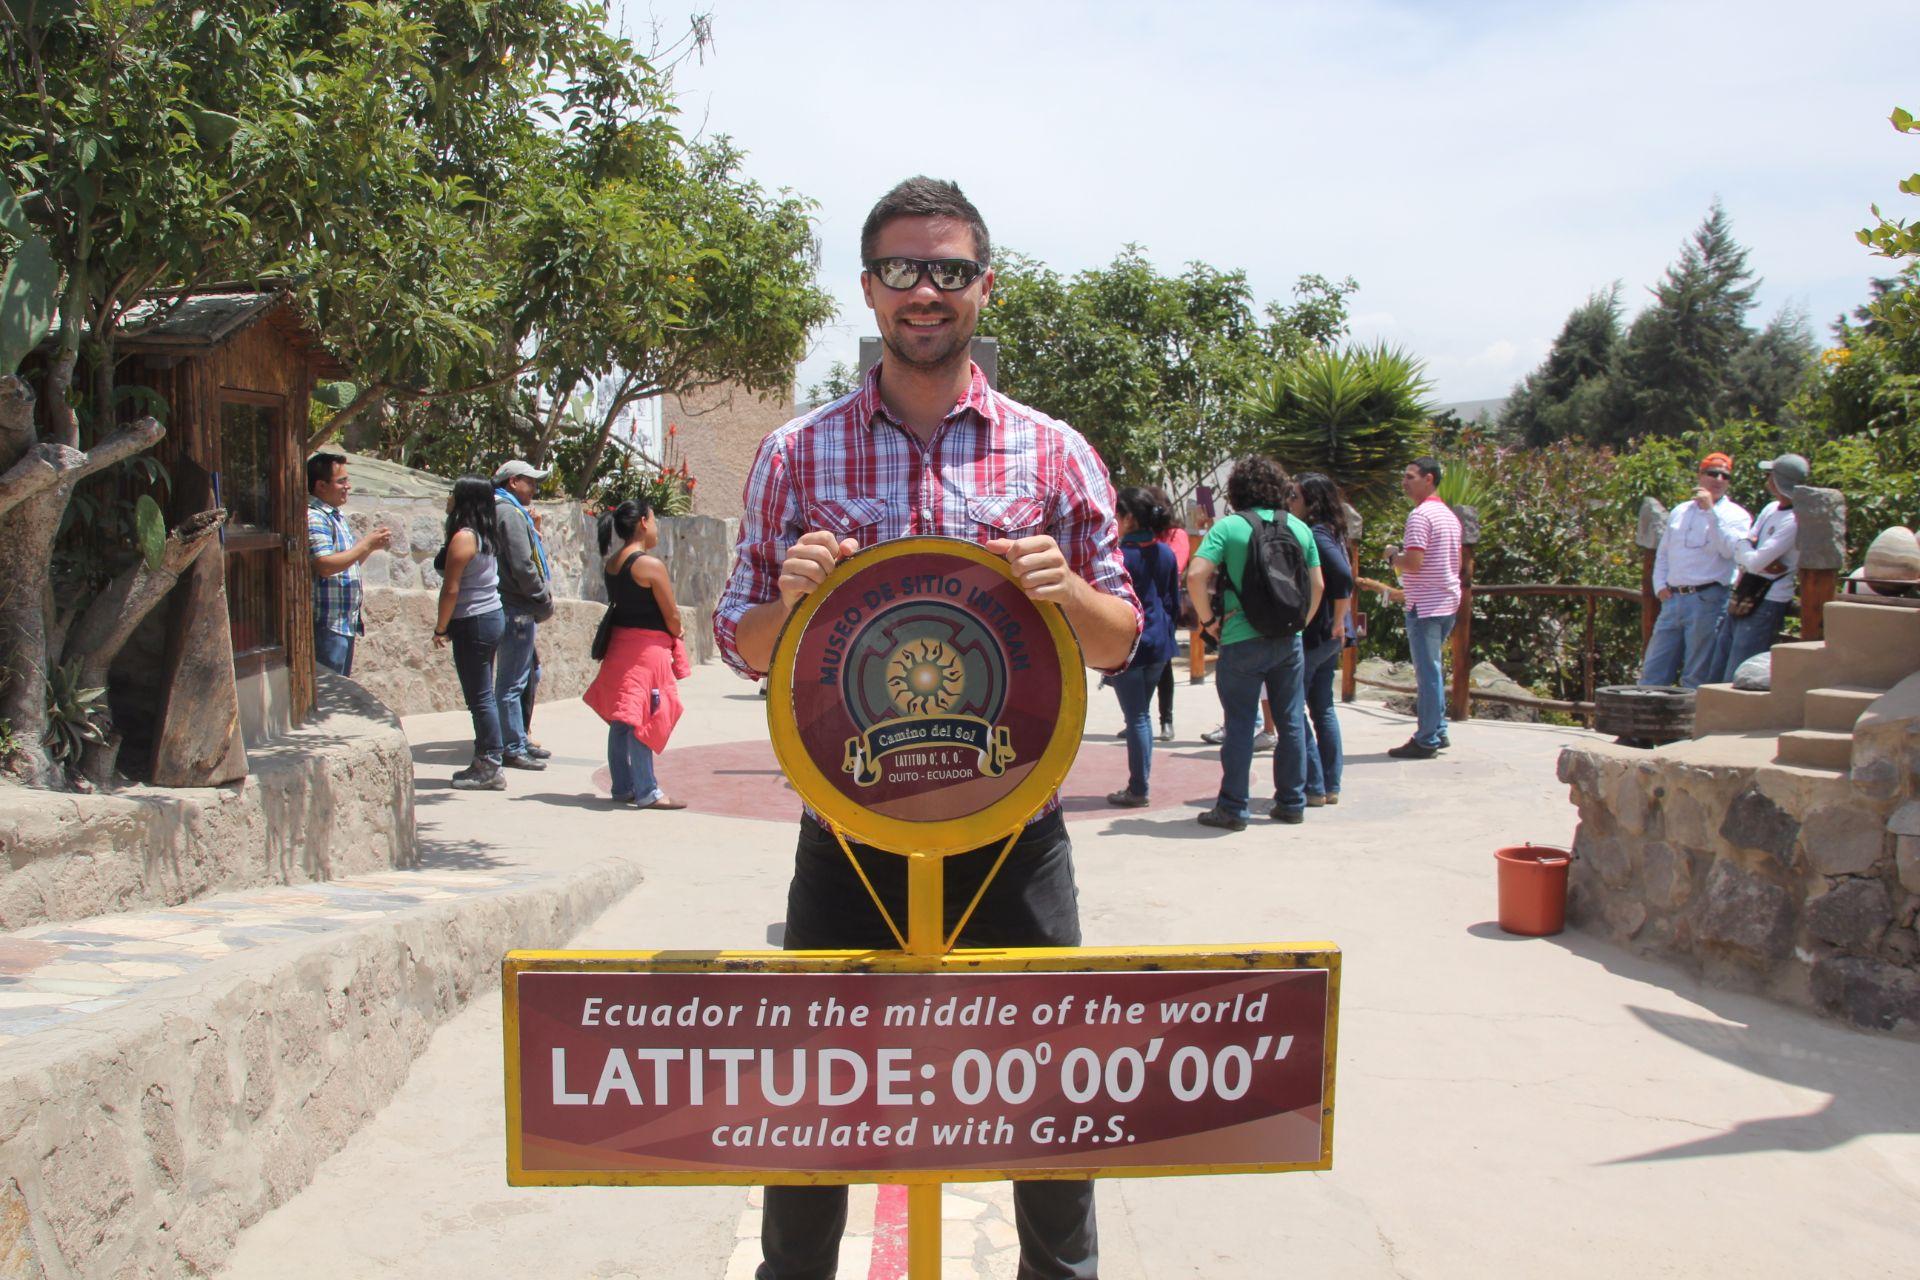 Equator, Äquator, Quito, Ecuador, Travel Drift